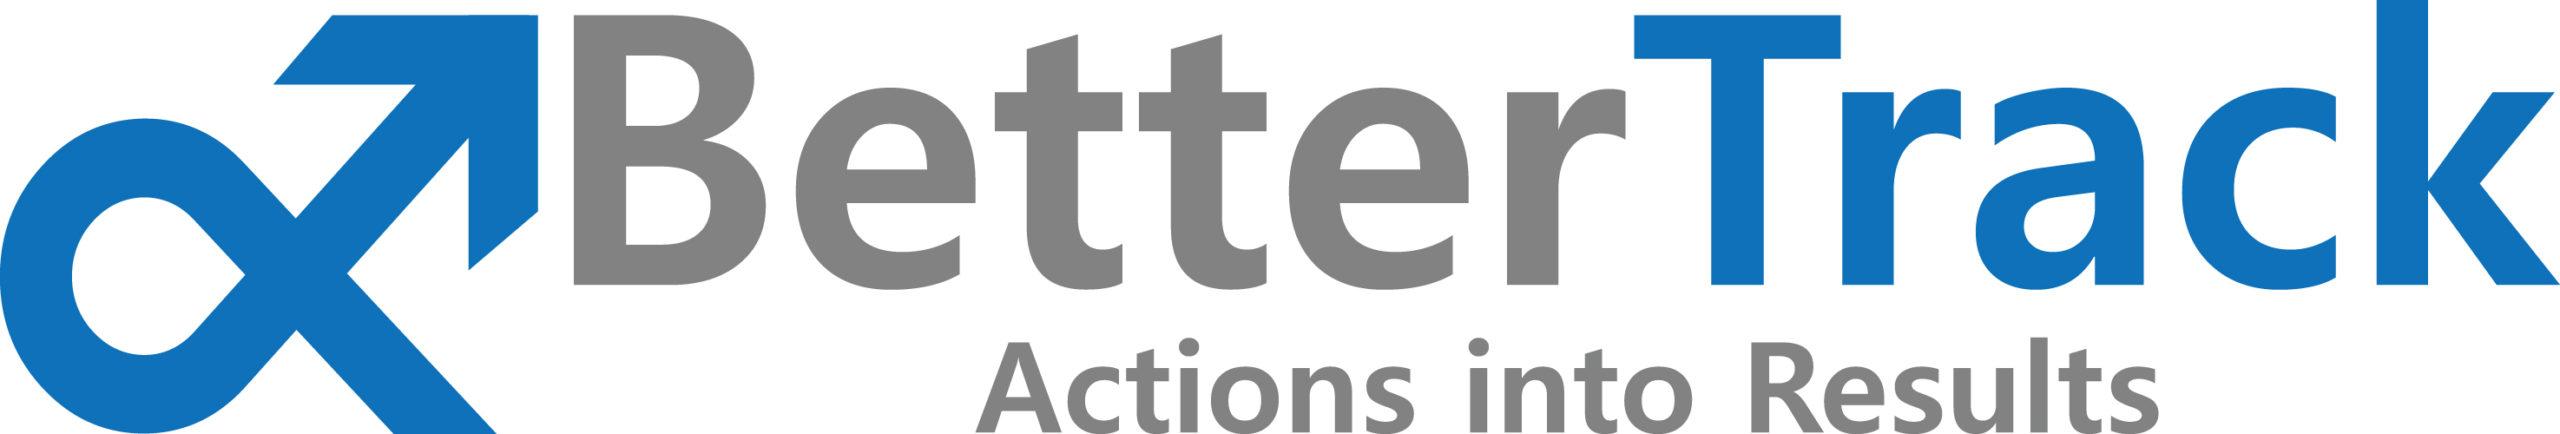 Linked logo for Bettertrack